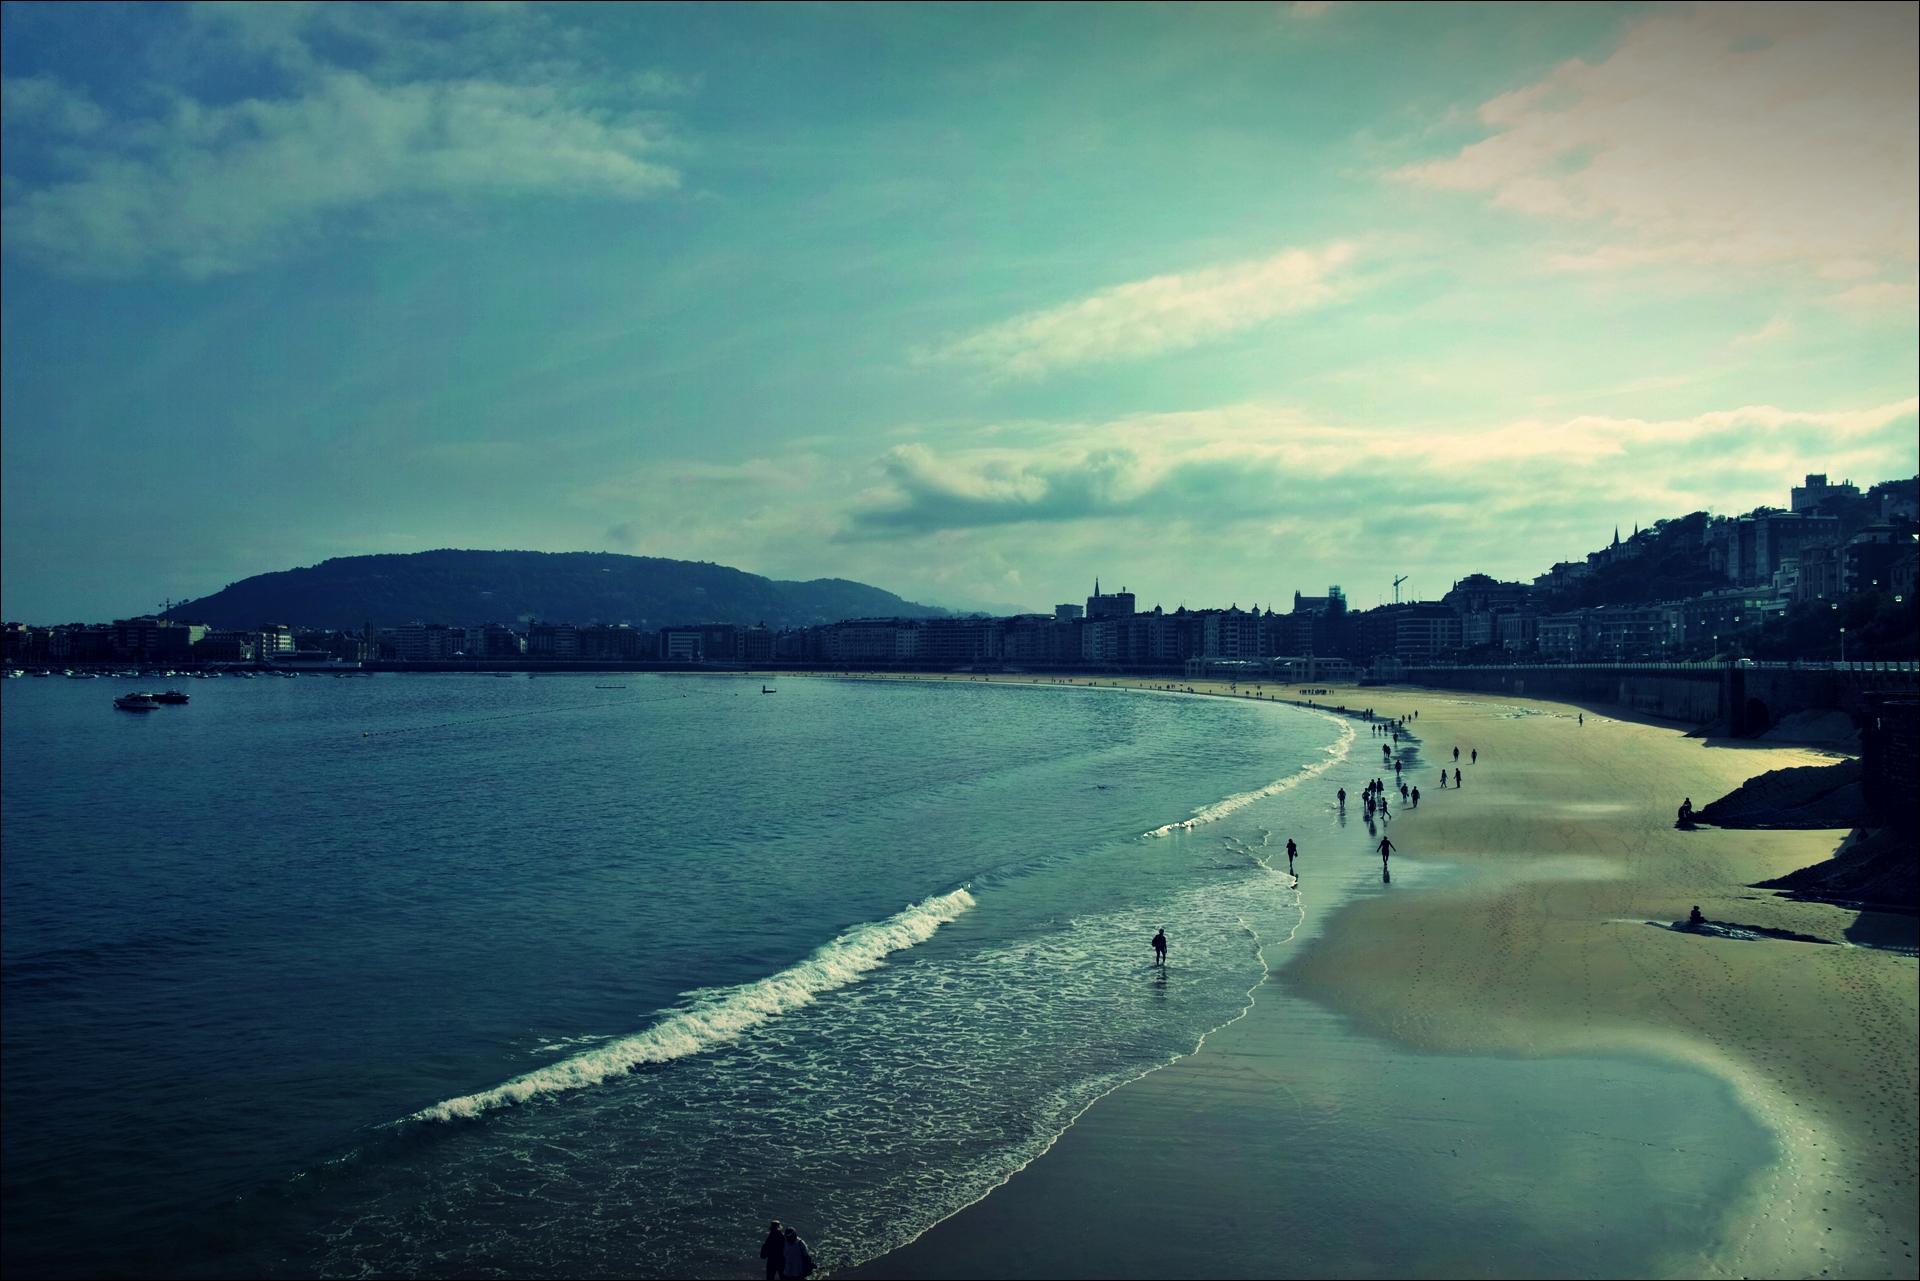 콘차 해변-'카미노 데 산티아고 북쪽길. 산 세바스티안에서 사라우츠. (Camino del Norte - San Sebastian to Zarauz)'